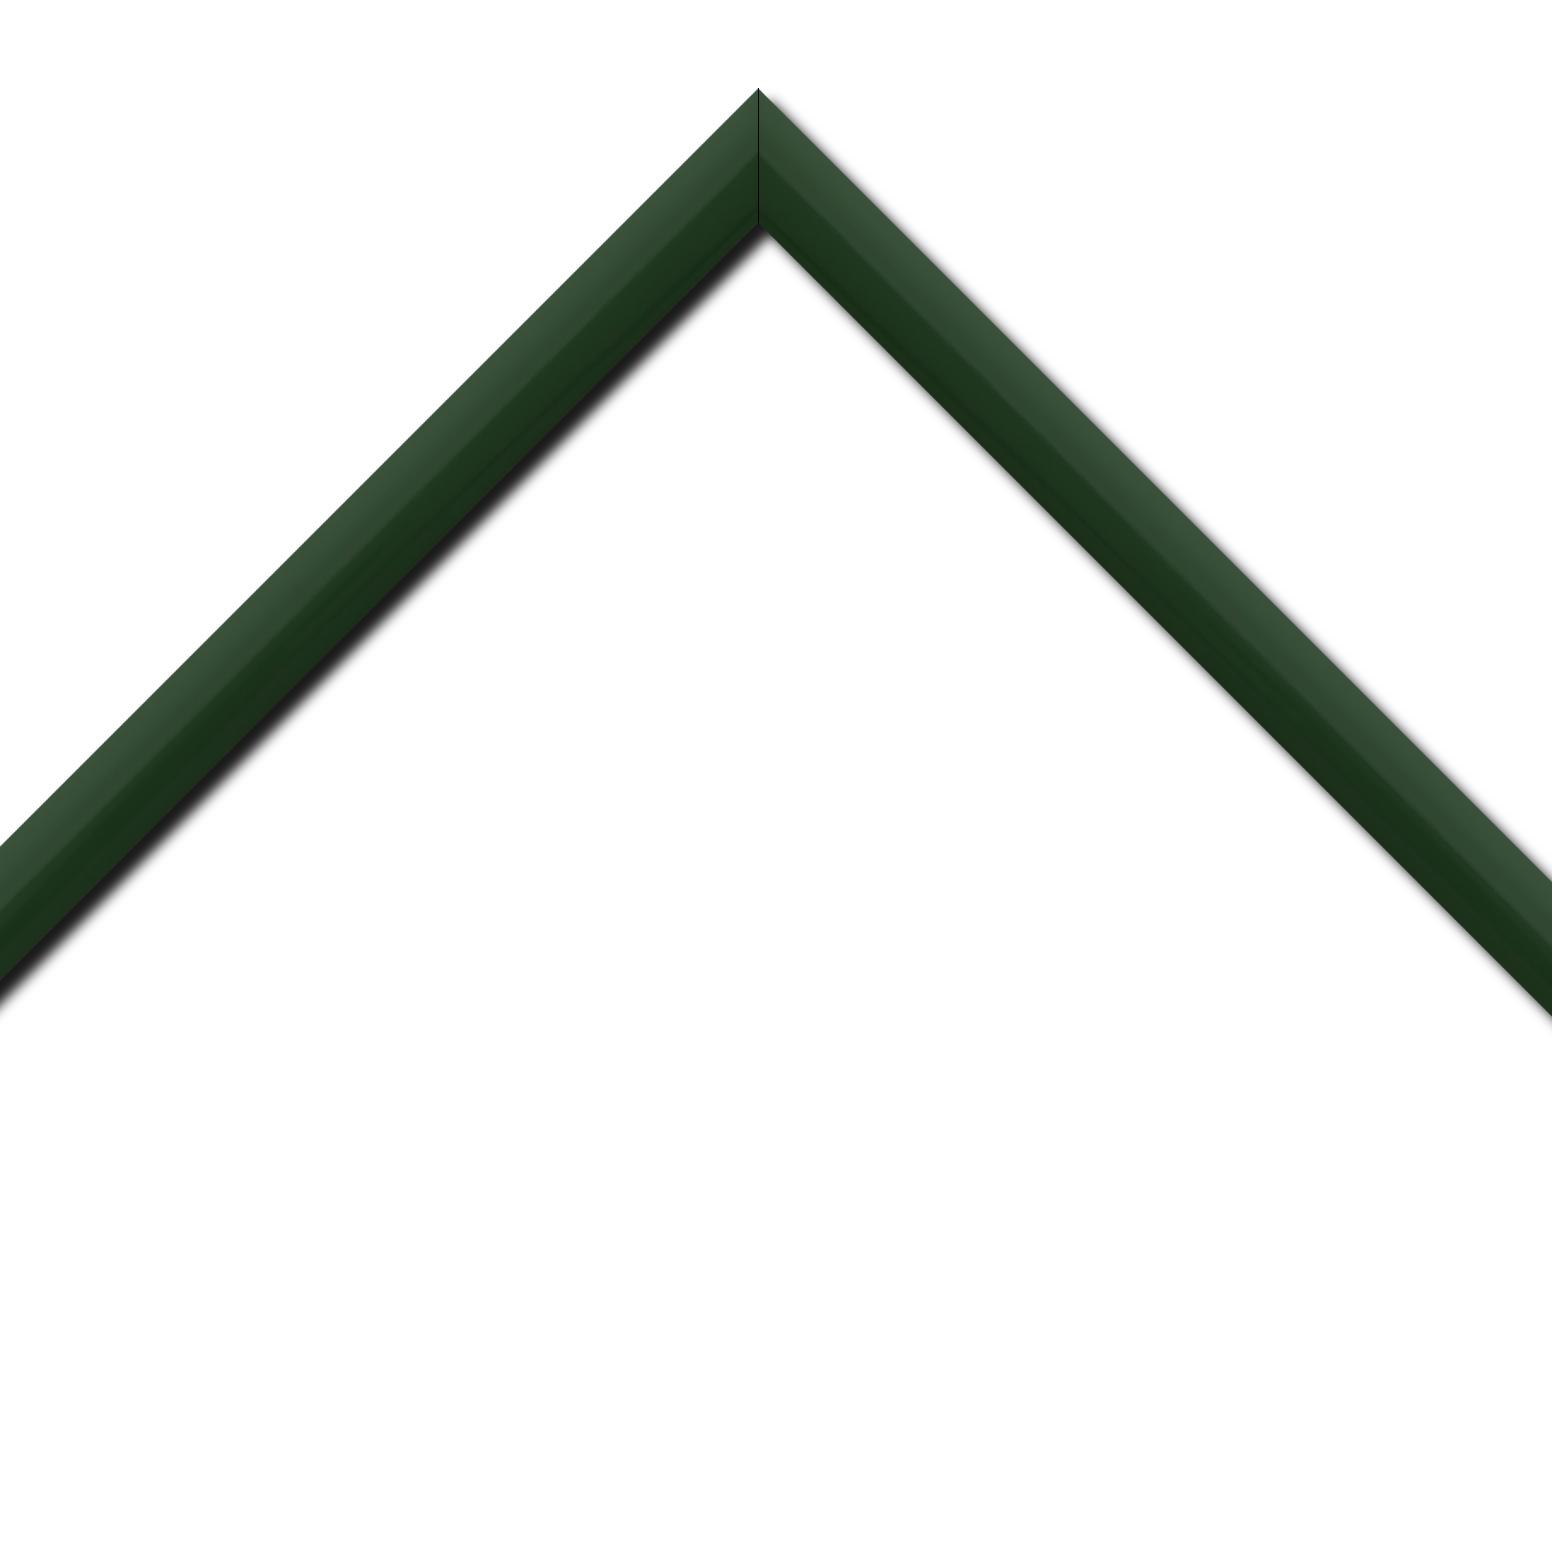 Baguette bois profil méplat largeur 2.3cm couleur vert anglais laqué